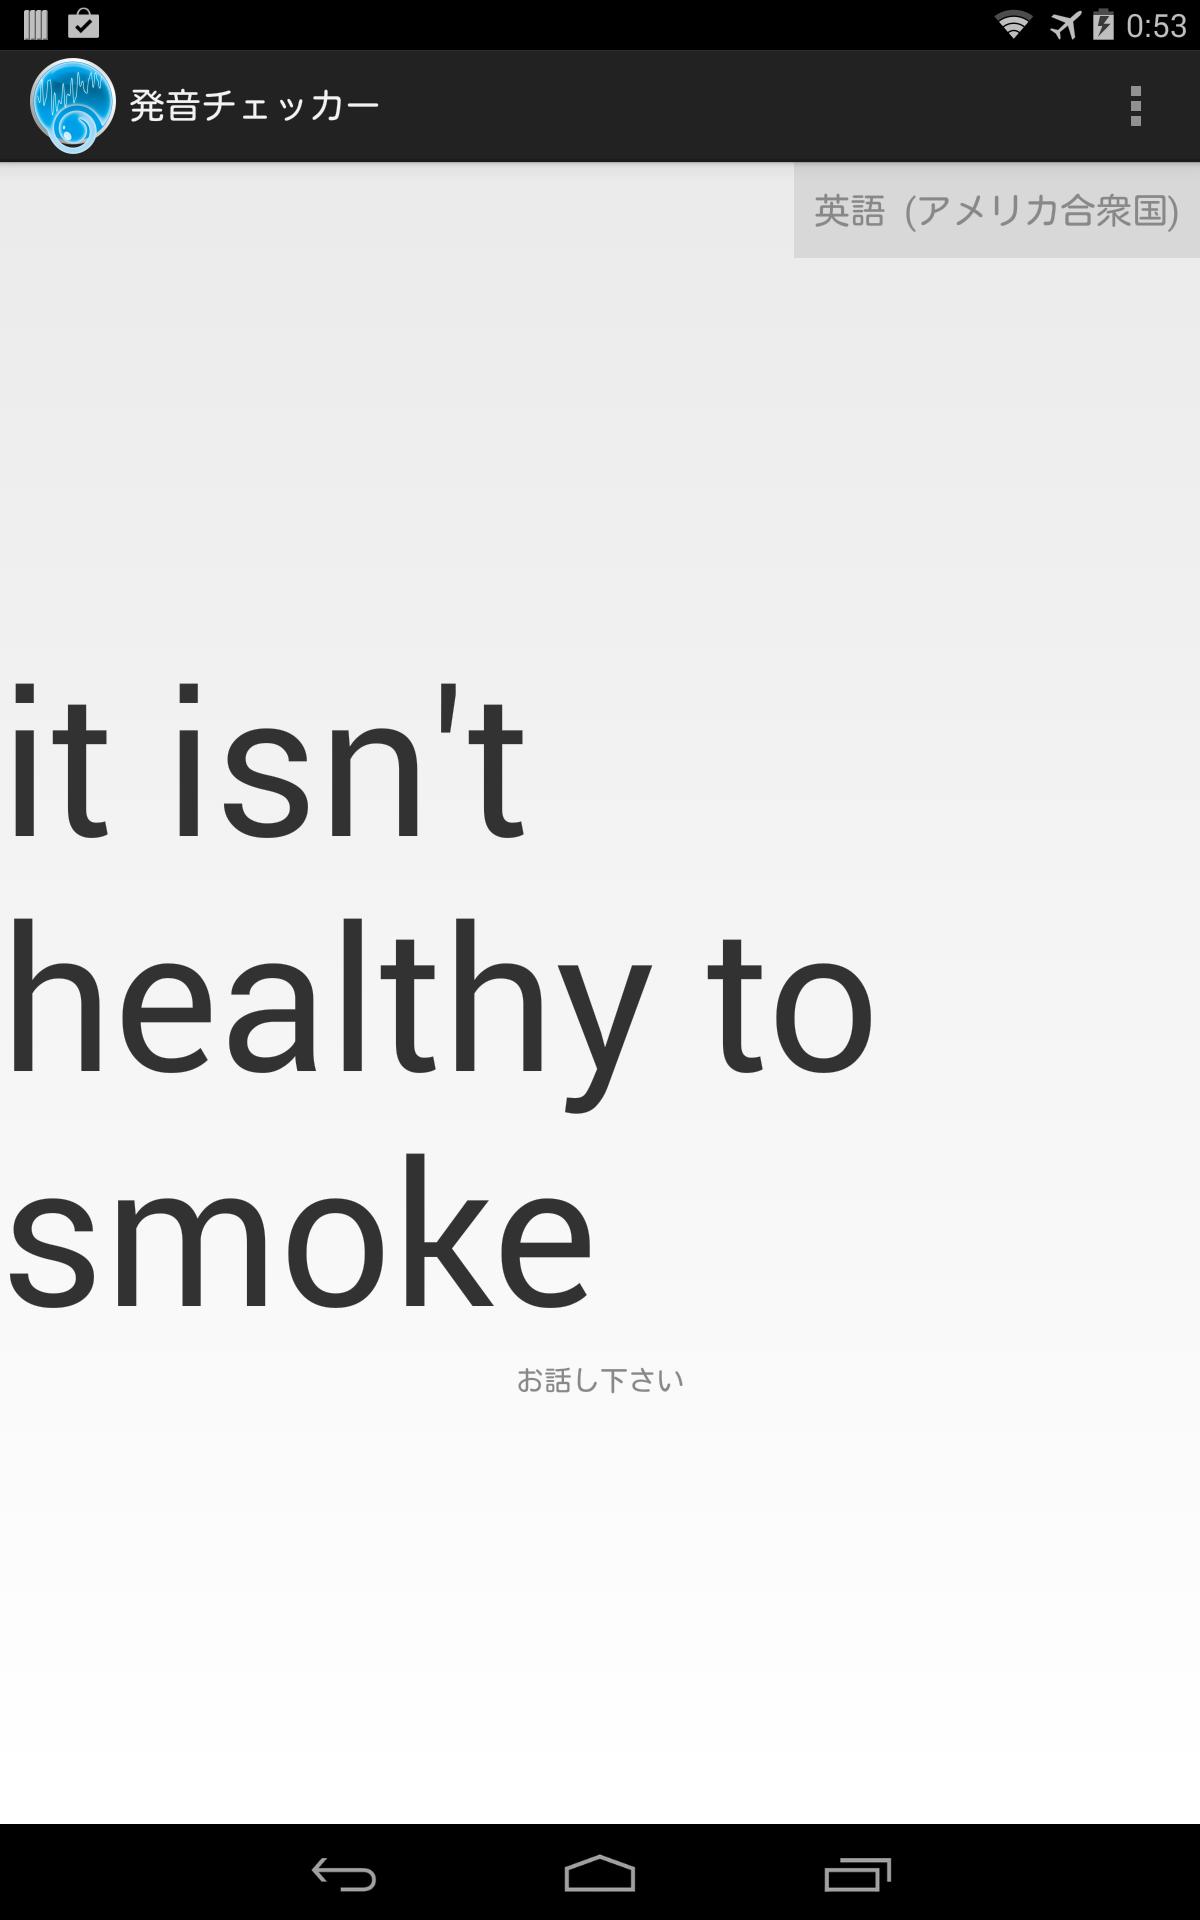 うん。煙草はよくないですよね(Nexus7(2013)にて)